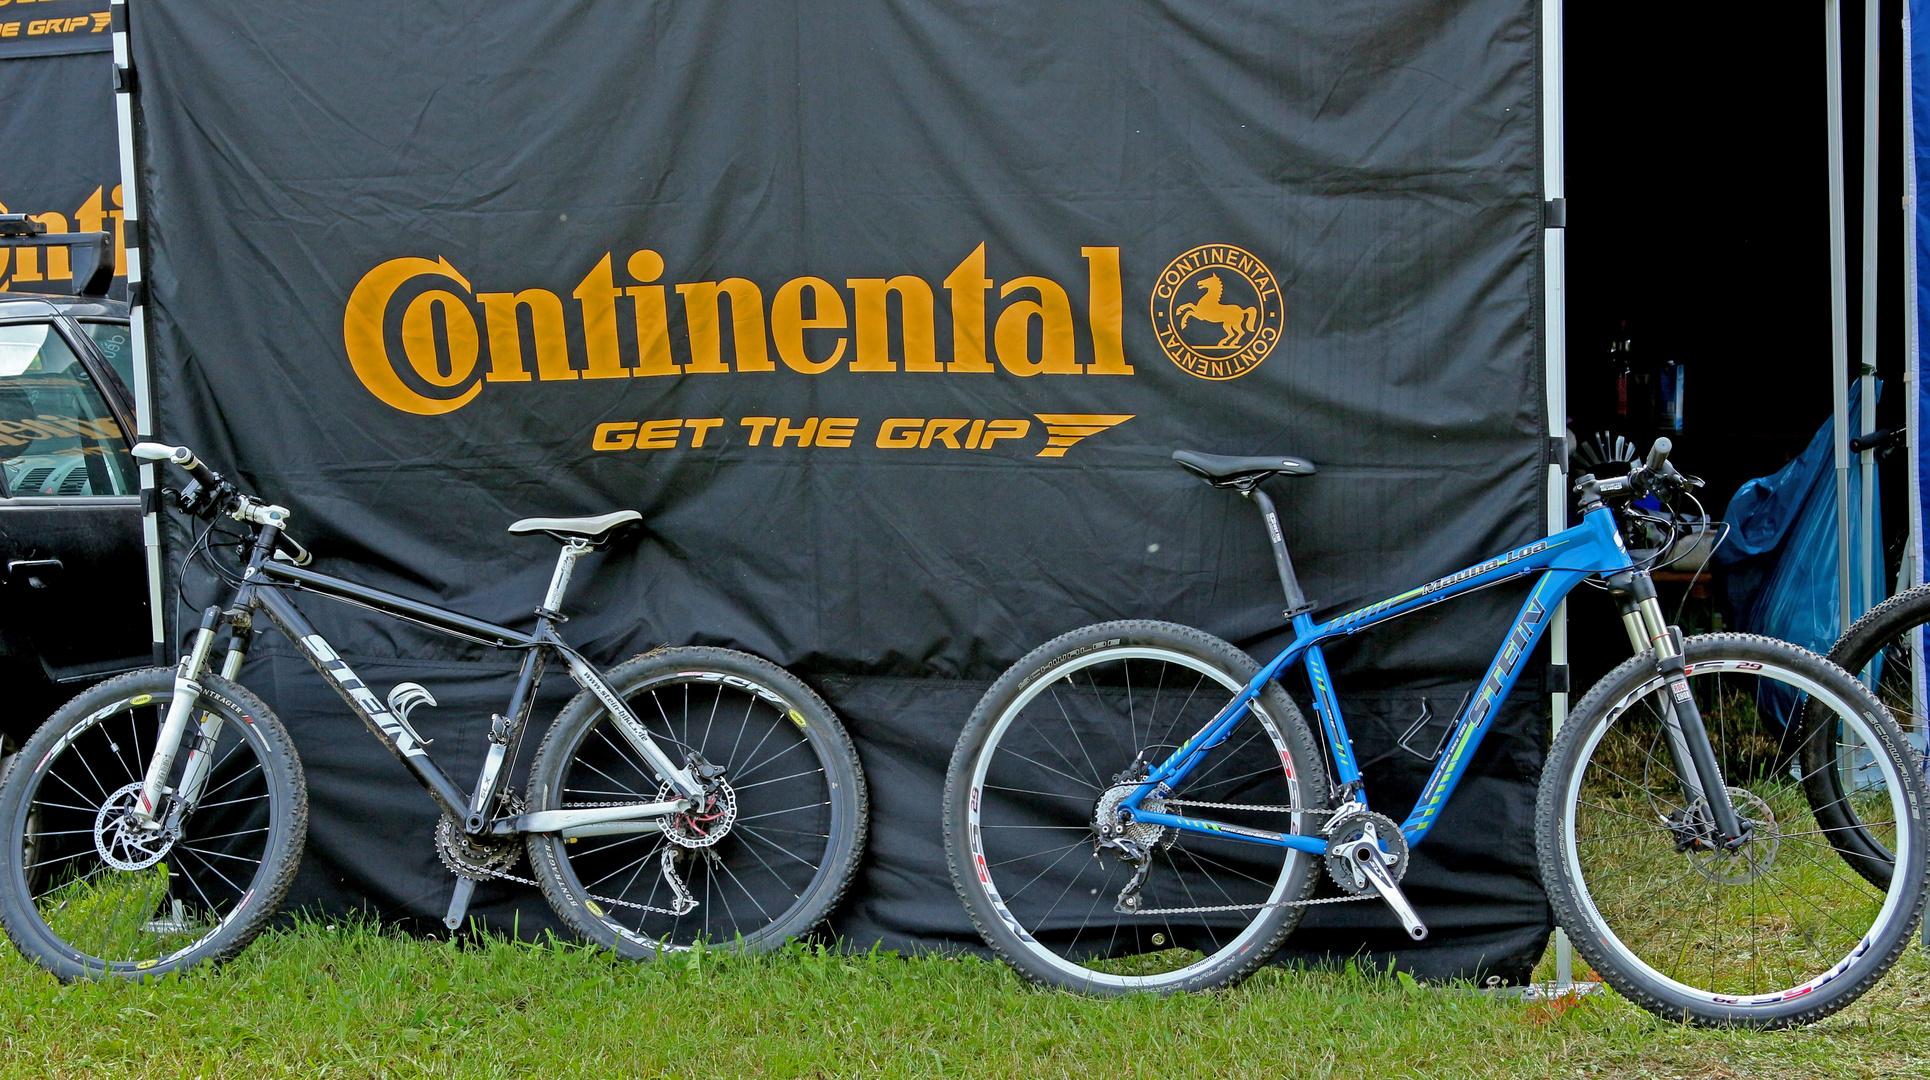 Stein Bikes and Conti